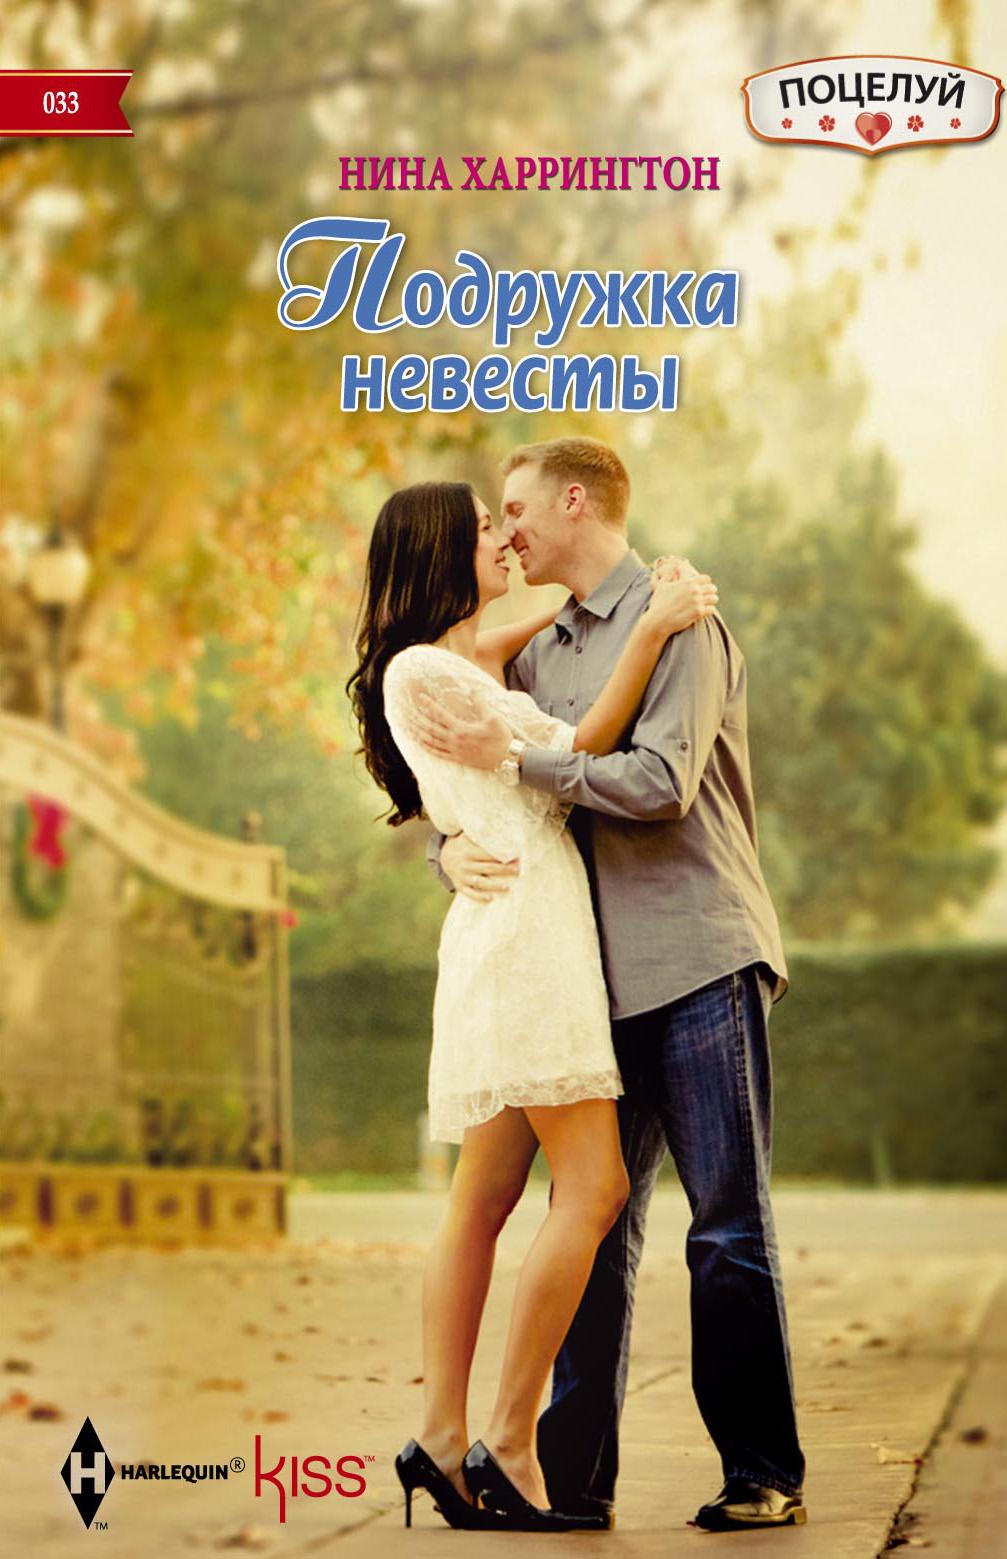 Нина Харрингтон Подружка невесты